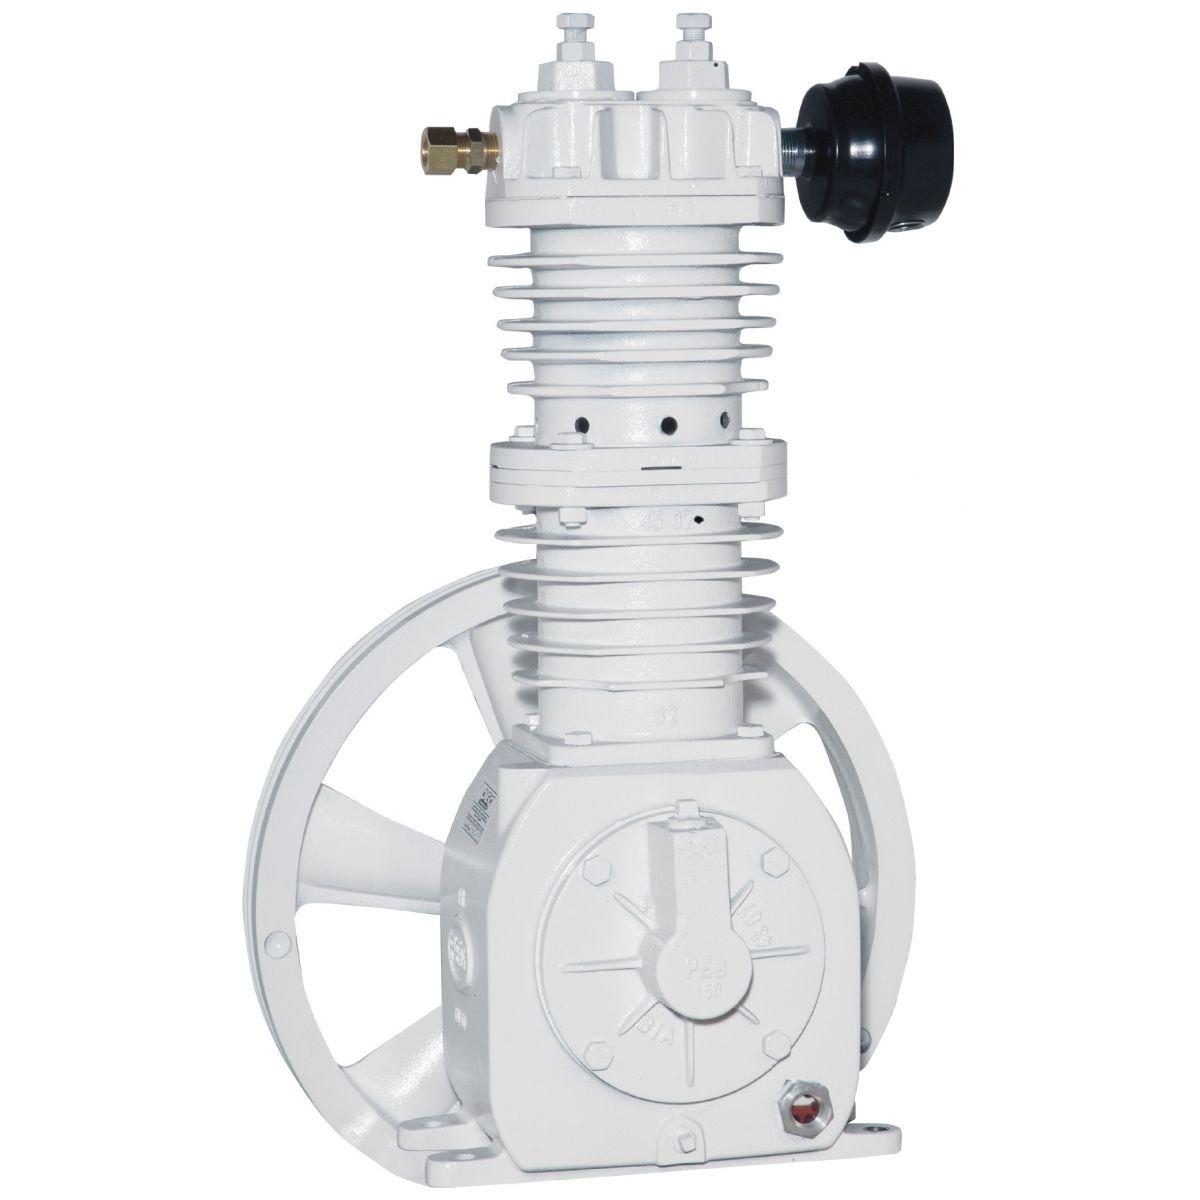 Cabeçote de Compressor BPIS-13  - Sócompressores